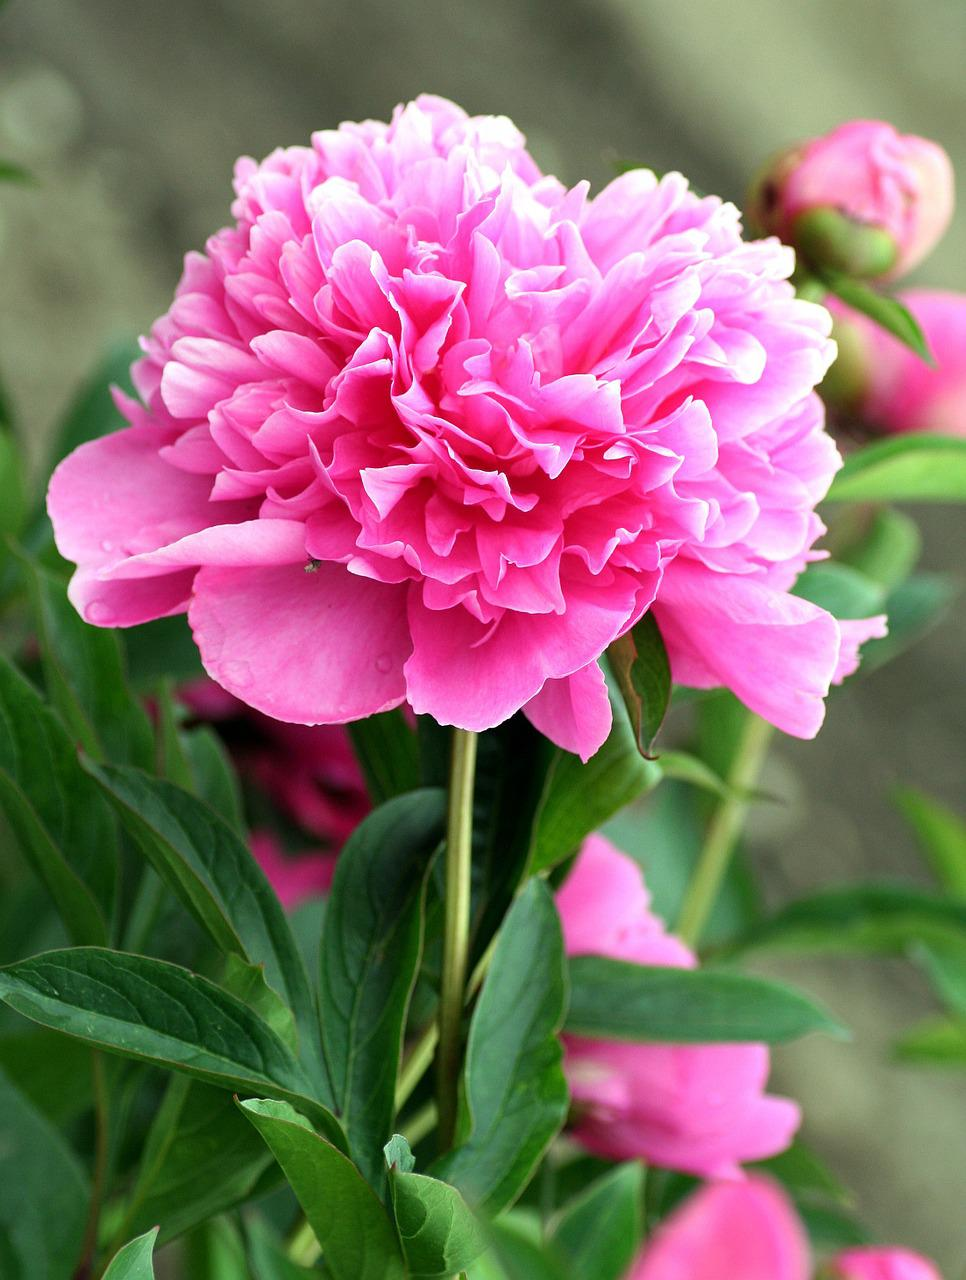 как выглядят цветы пионы фото представляет собой загородную